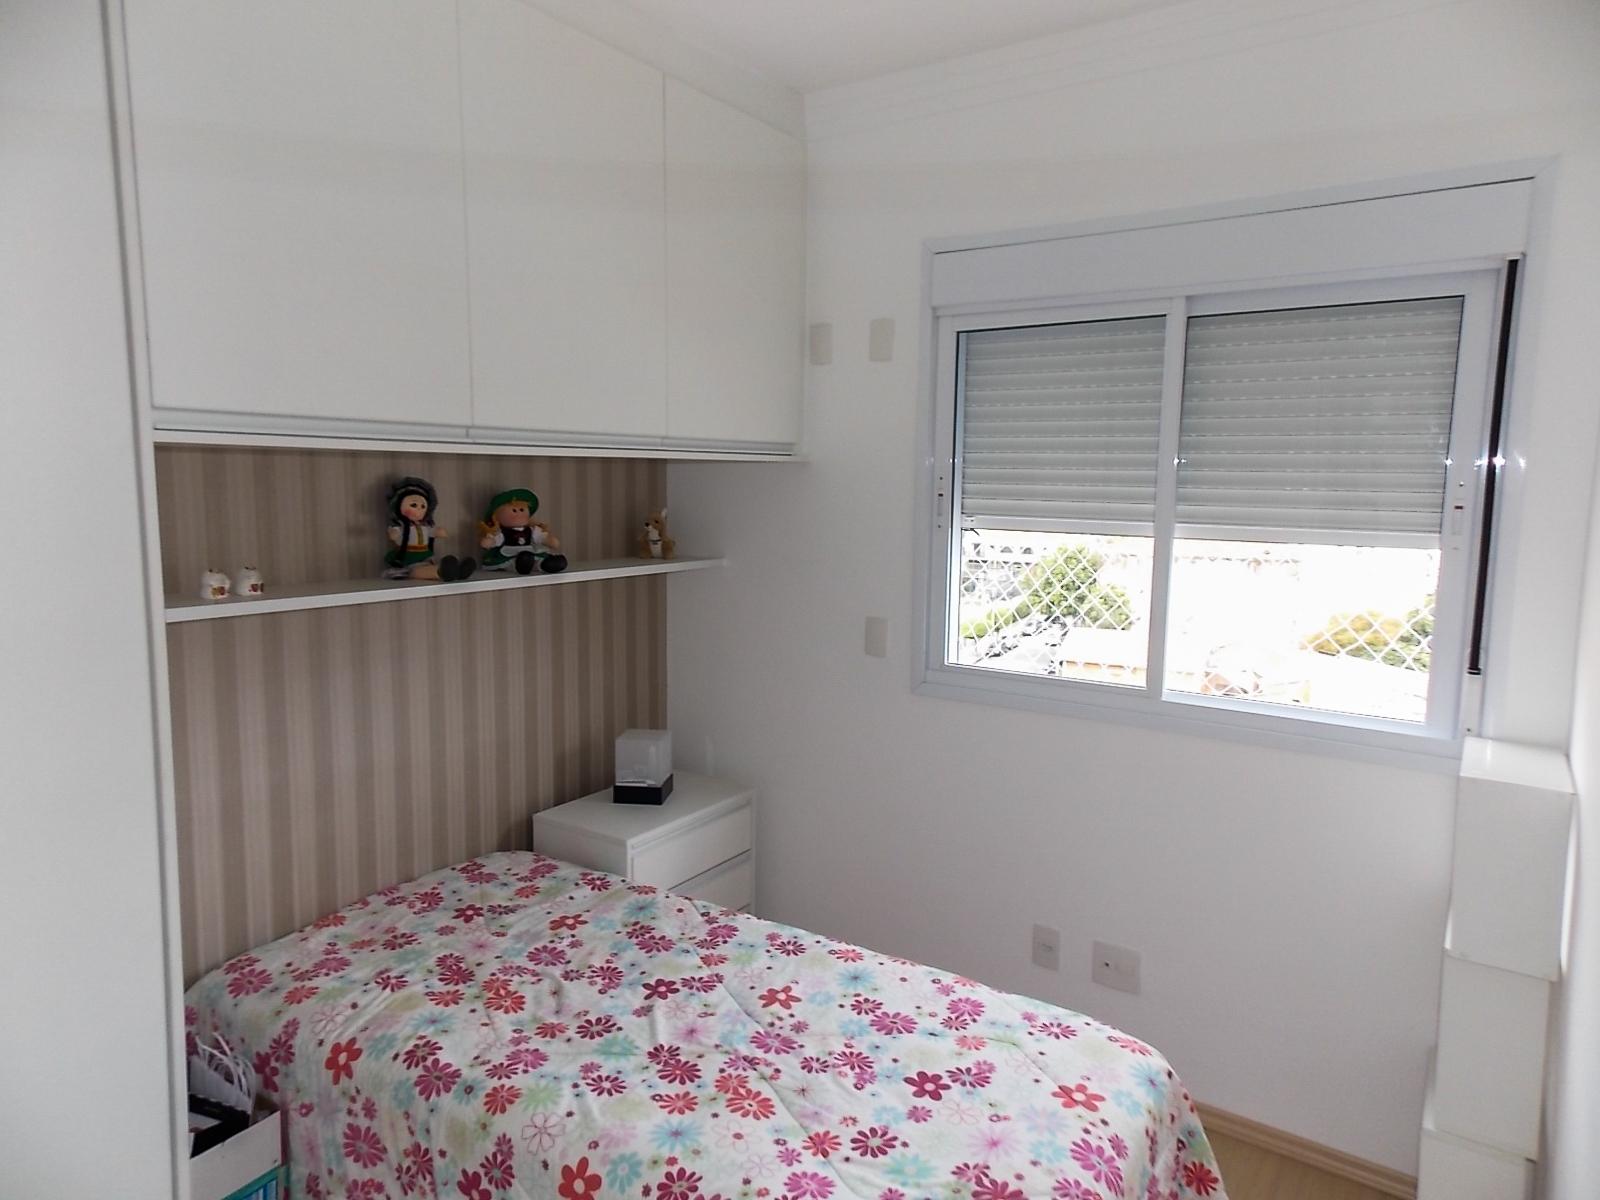 Apartamento 3 Dormit Rios Na Rua Guiratinga Sa De Seiko Im Veis